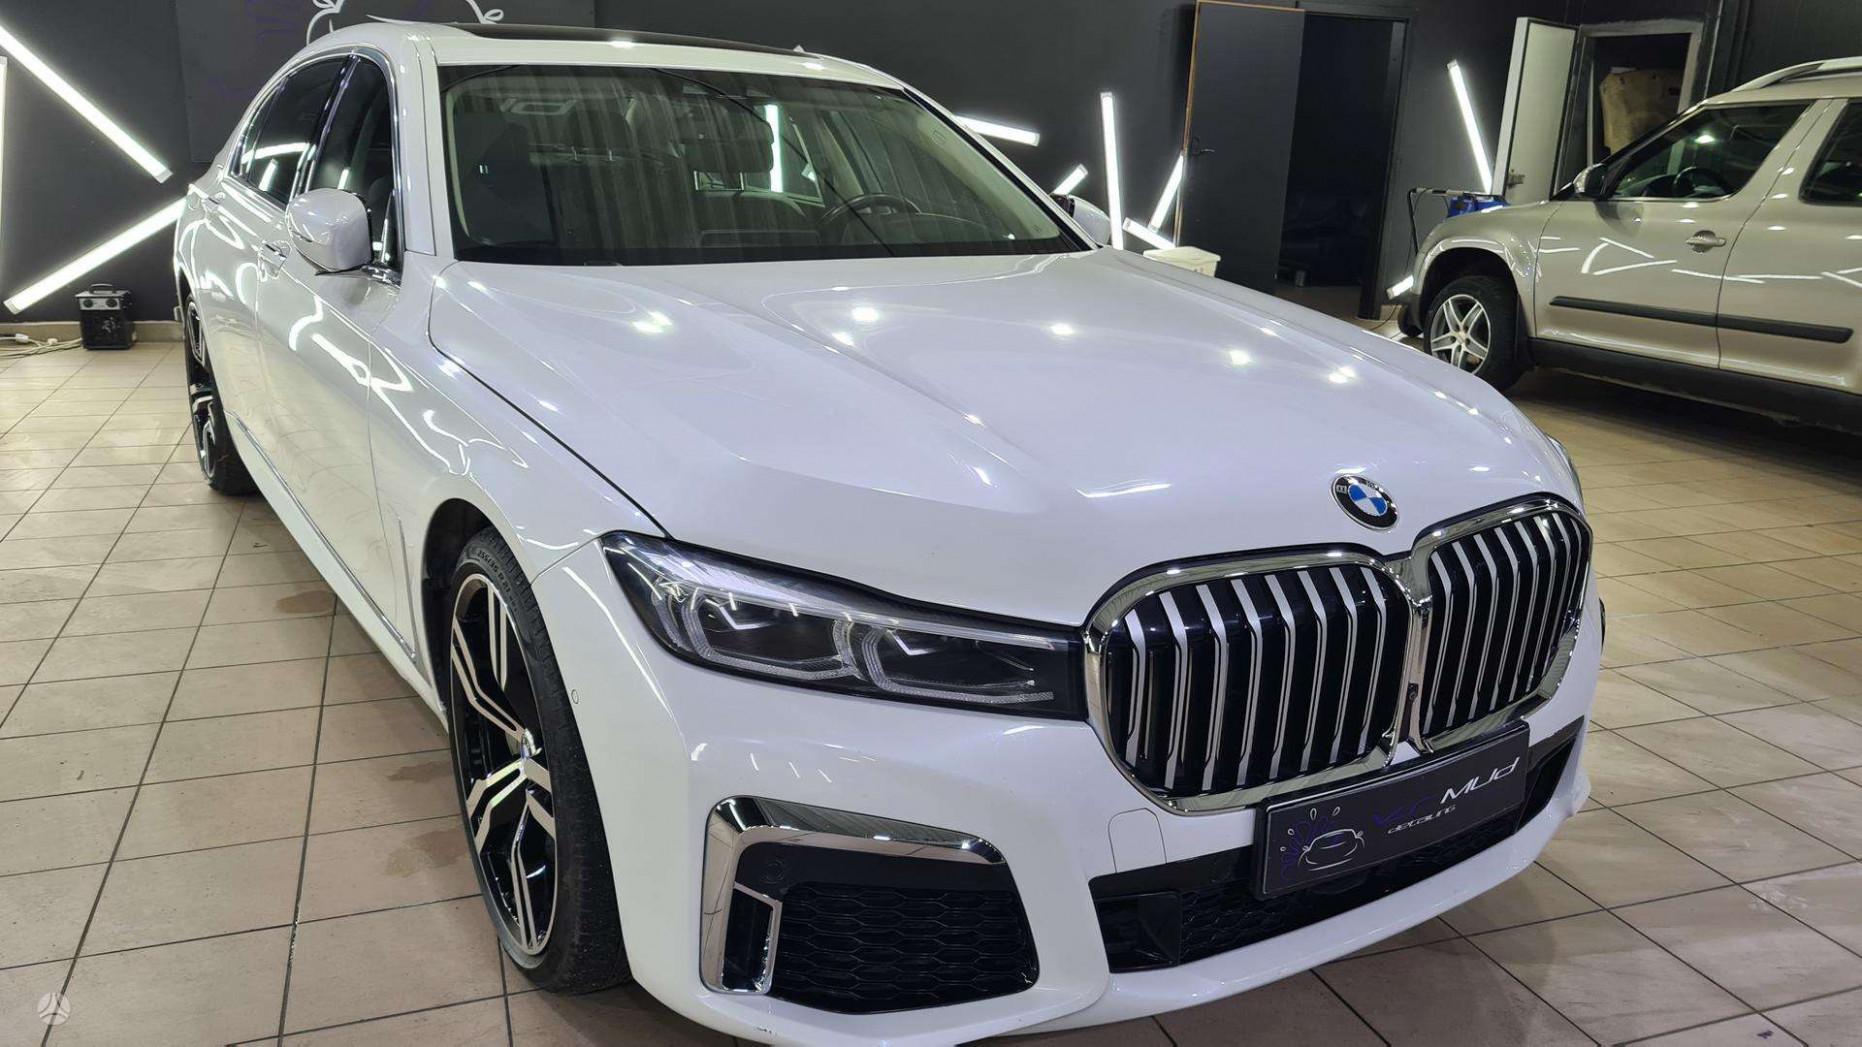 Prices 2022 BMW 750Li Xdrive